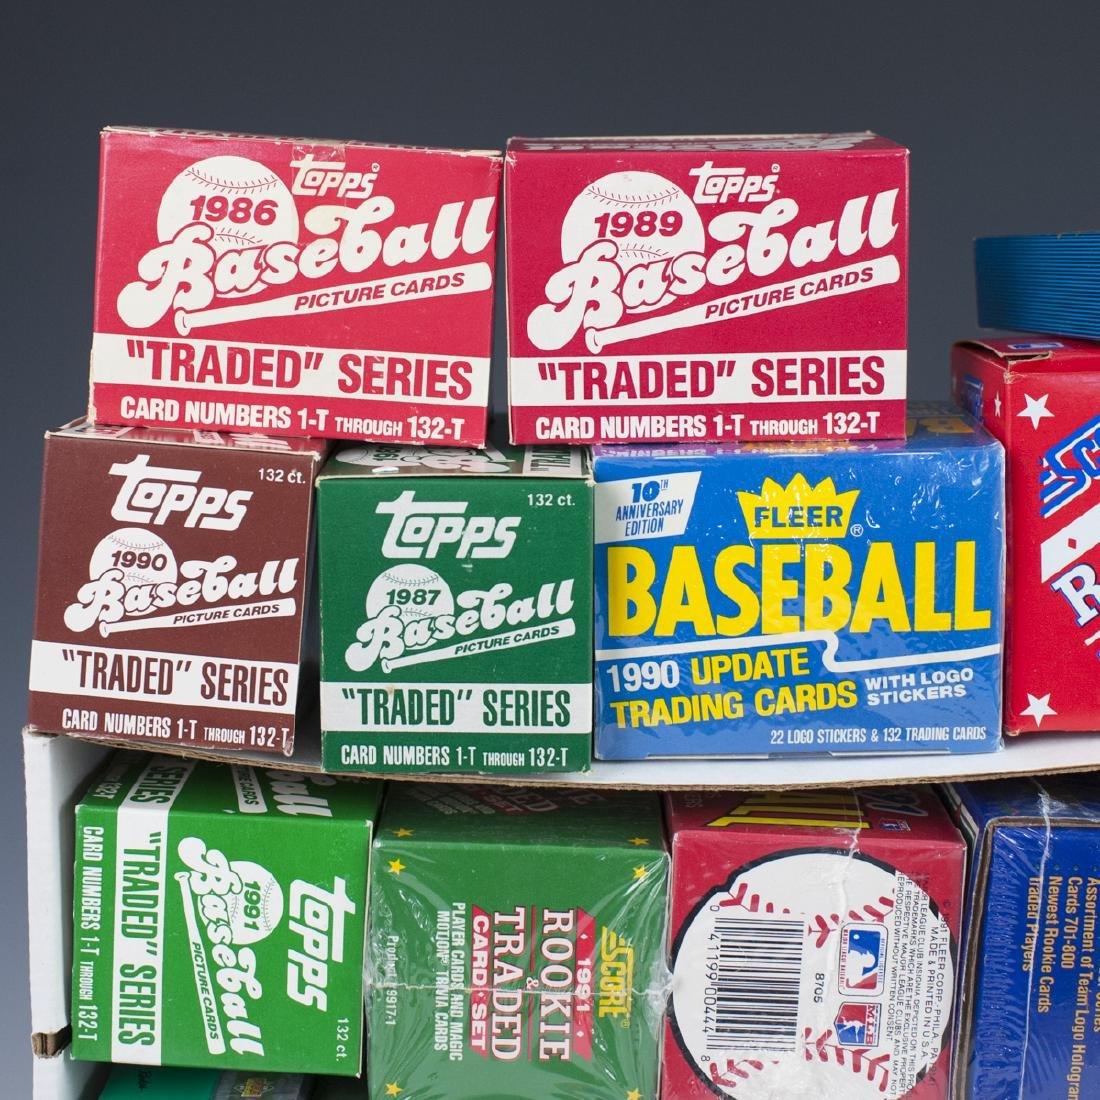 Vintage Baseball Memorabilia Collection - 2